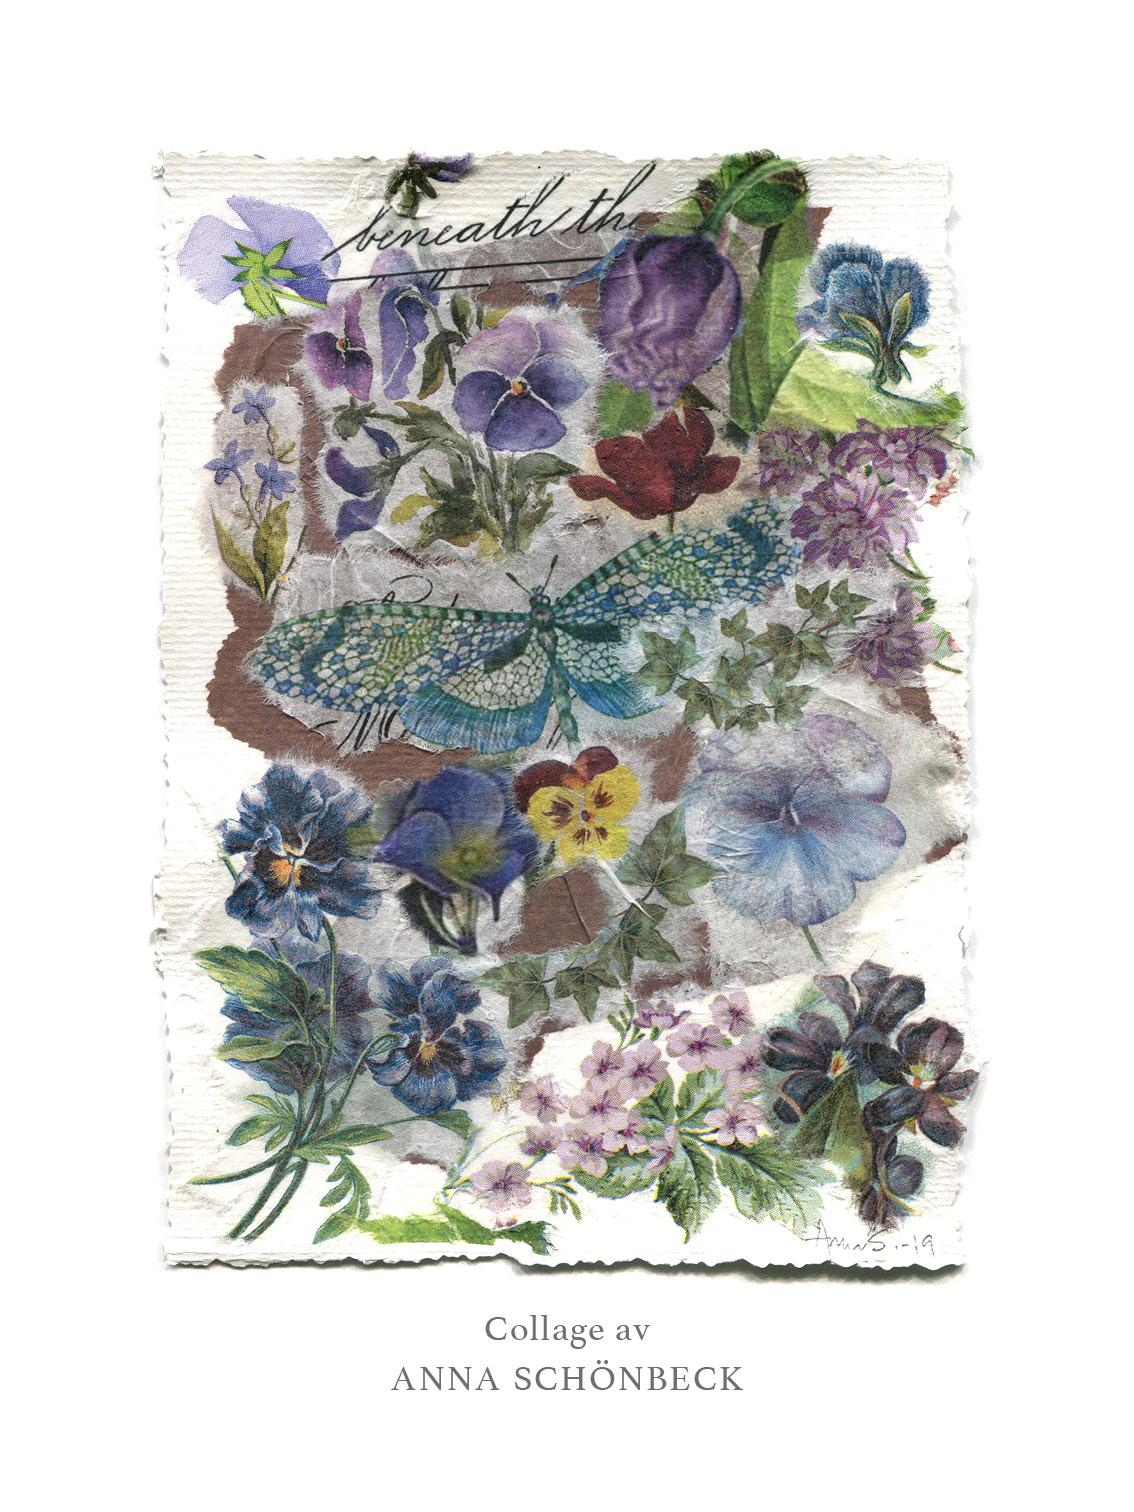 Collage 3, av Anna Schönbeck